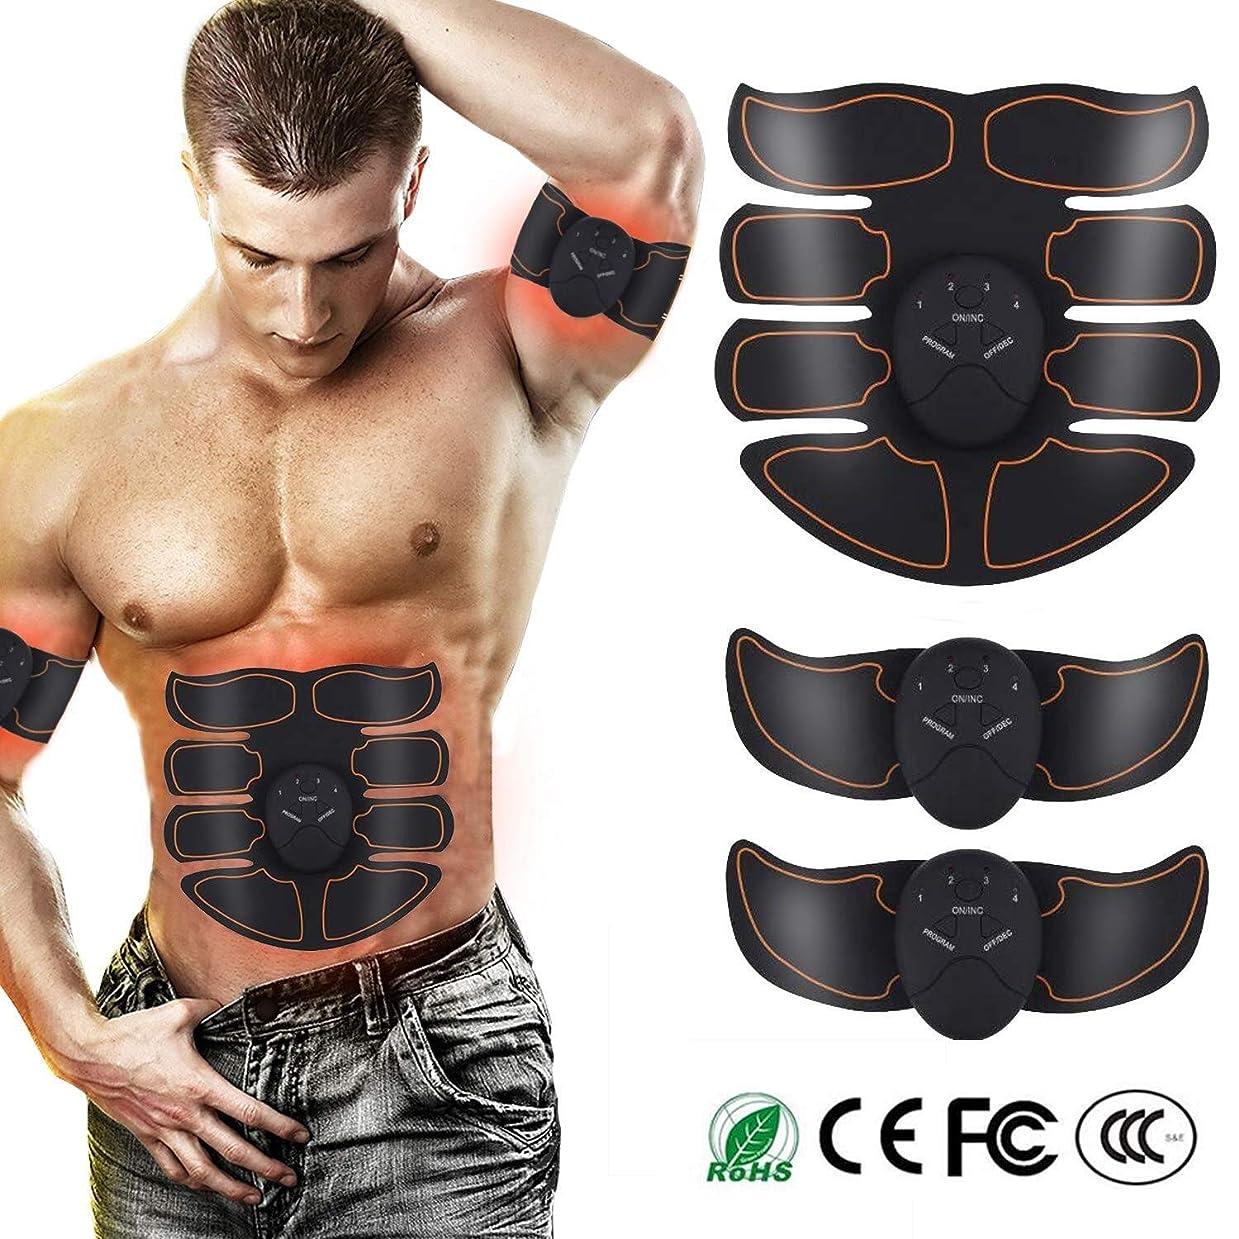 手当大腿もっと少なく腹筋トレーナー 筋肉刺激装置、 腹部調色ベルト、 腹部 マッスルトナー 6つのモード及び10のレベル強度 USB充電式 トレーニング機器、 に適し 体 いい結果になる 家に 事務所 ジム